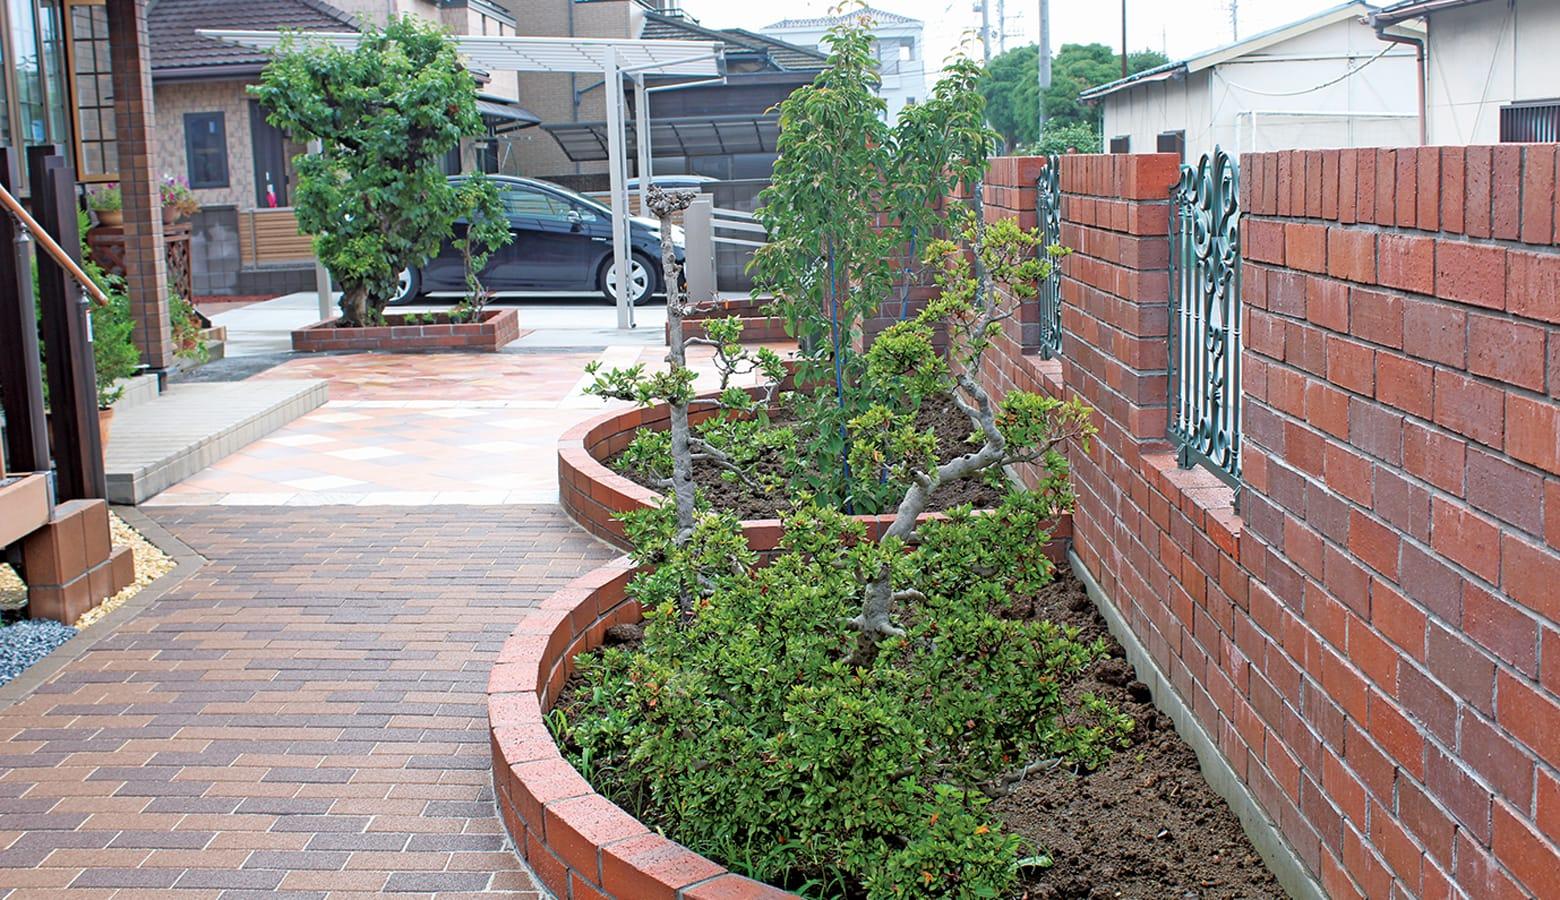 お手入れ箇所を明確にしたローメンテナンスなお庭